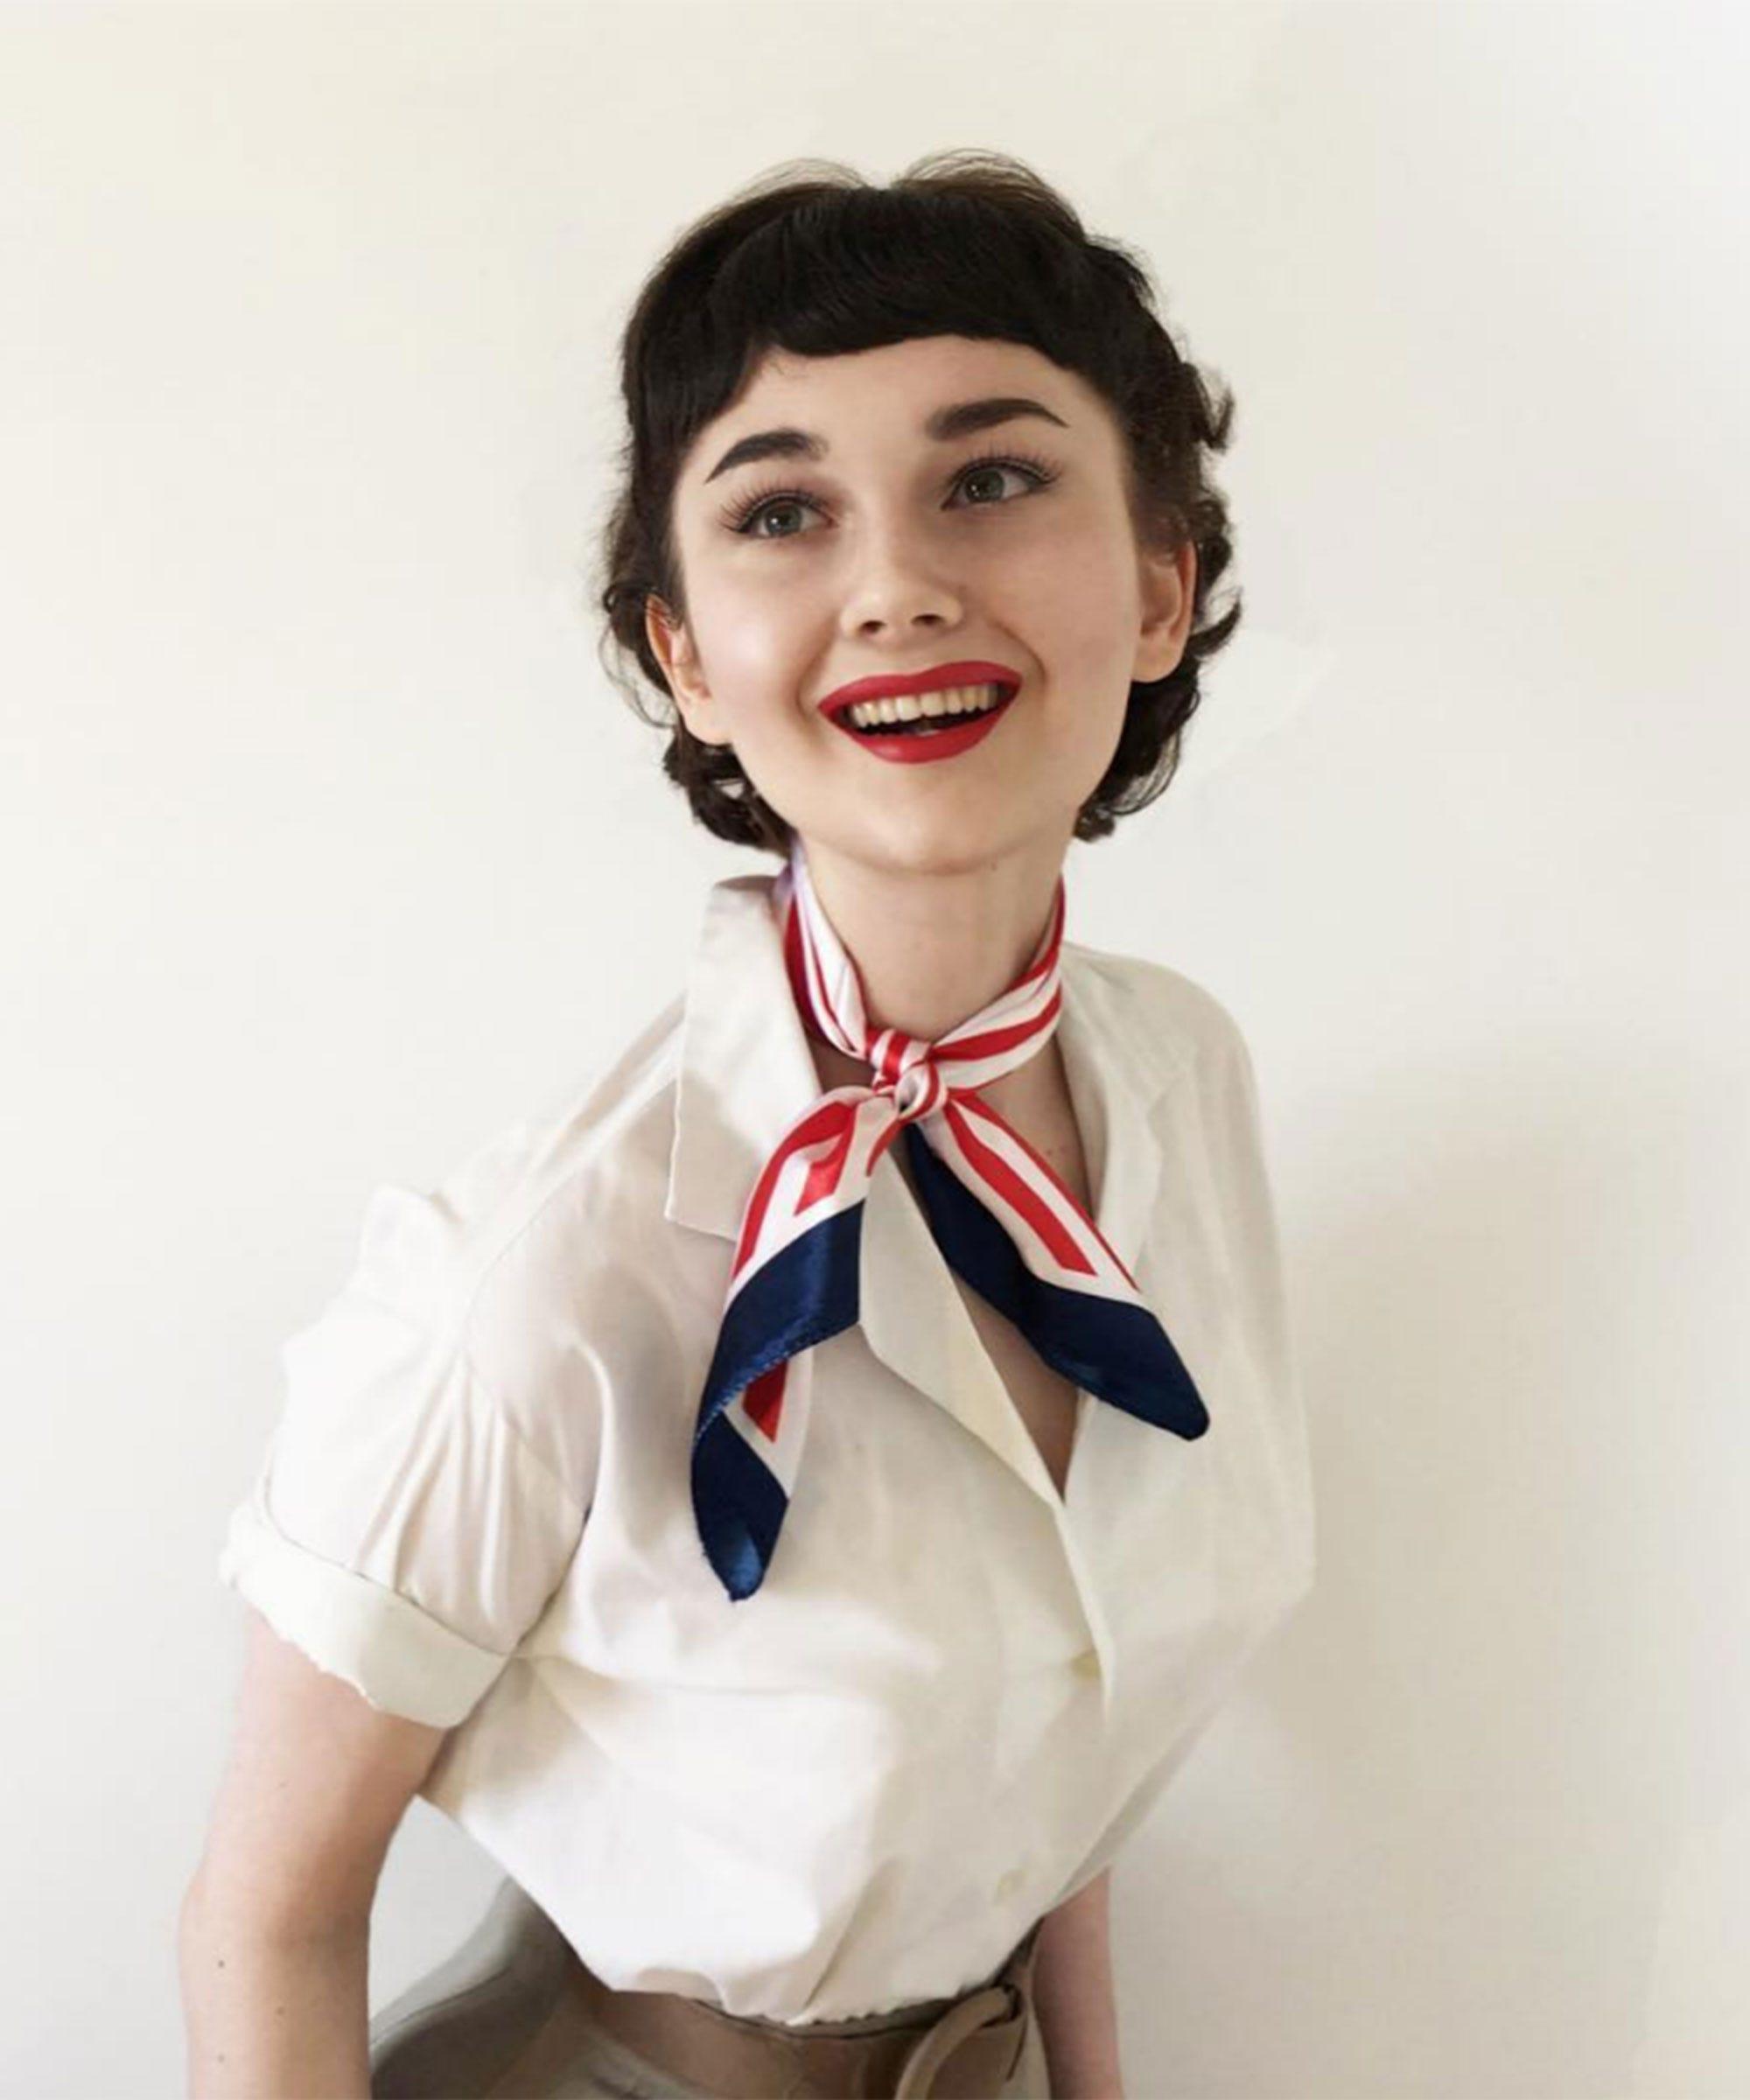 Annelies Van Overbeek Instagram Audrey Hepburn Star